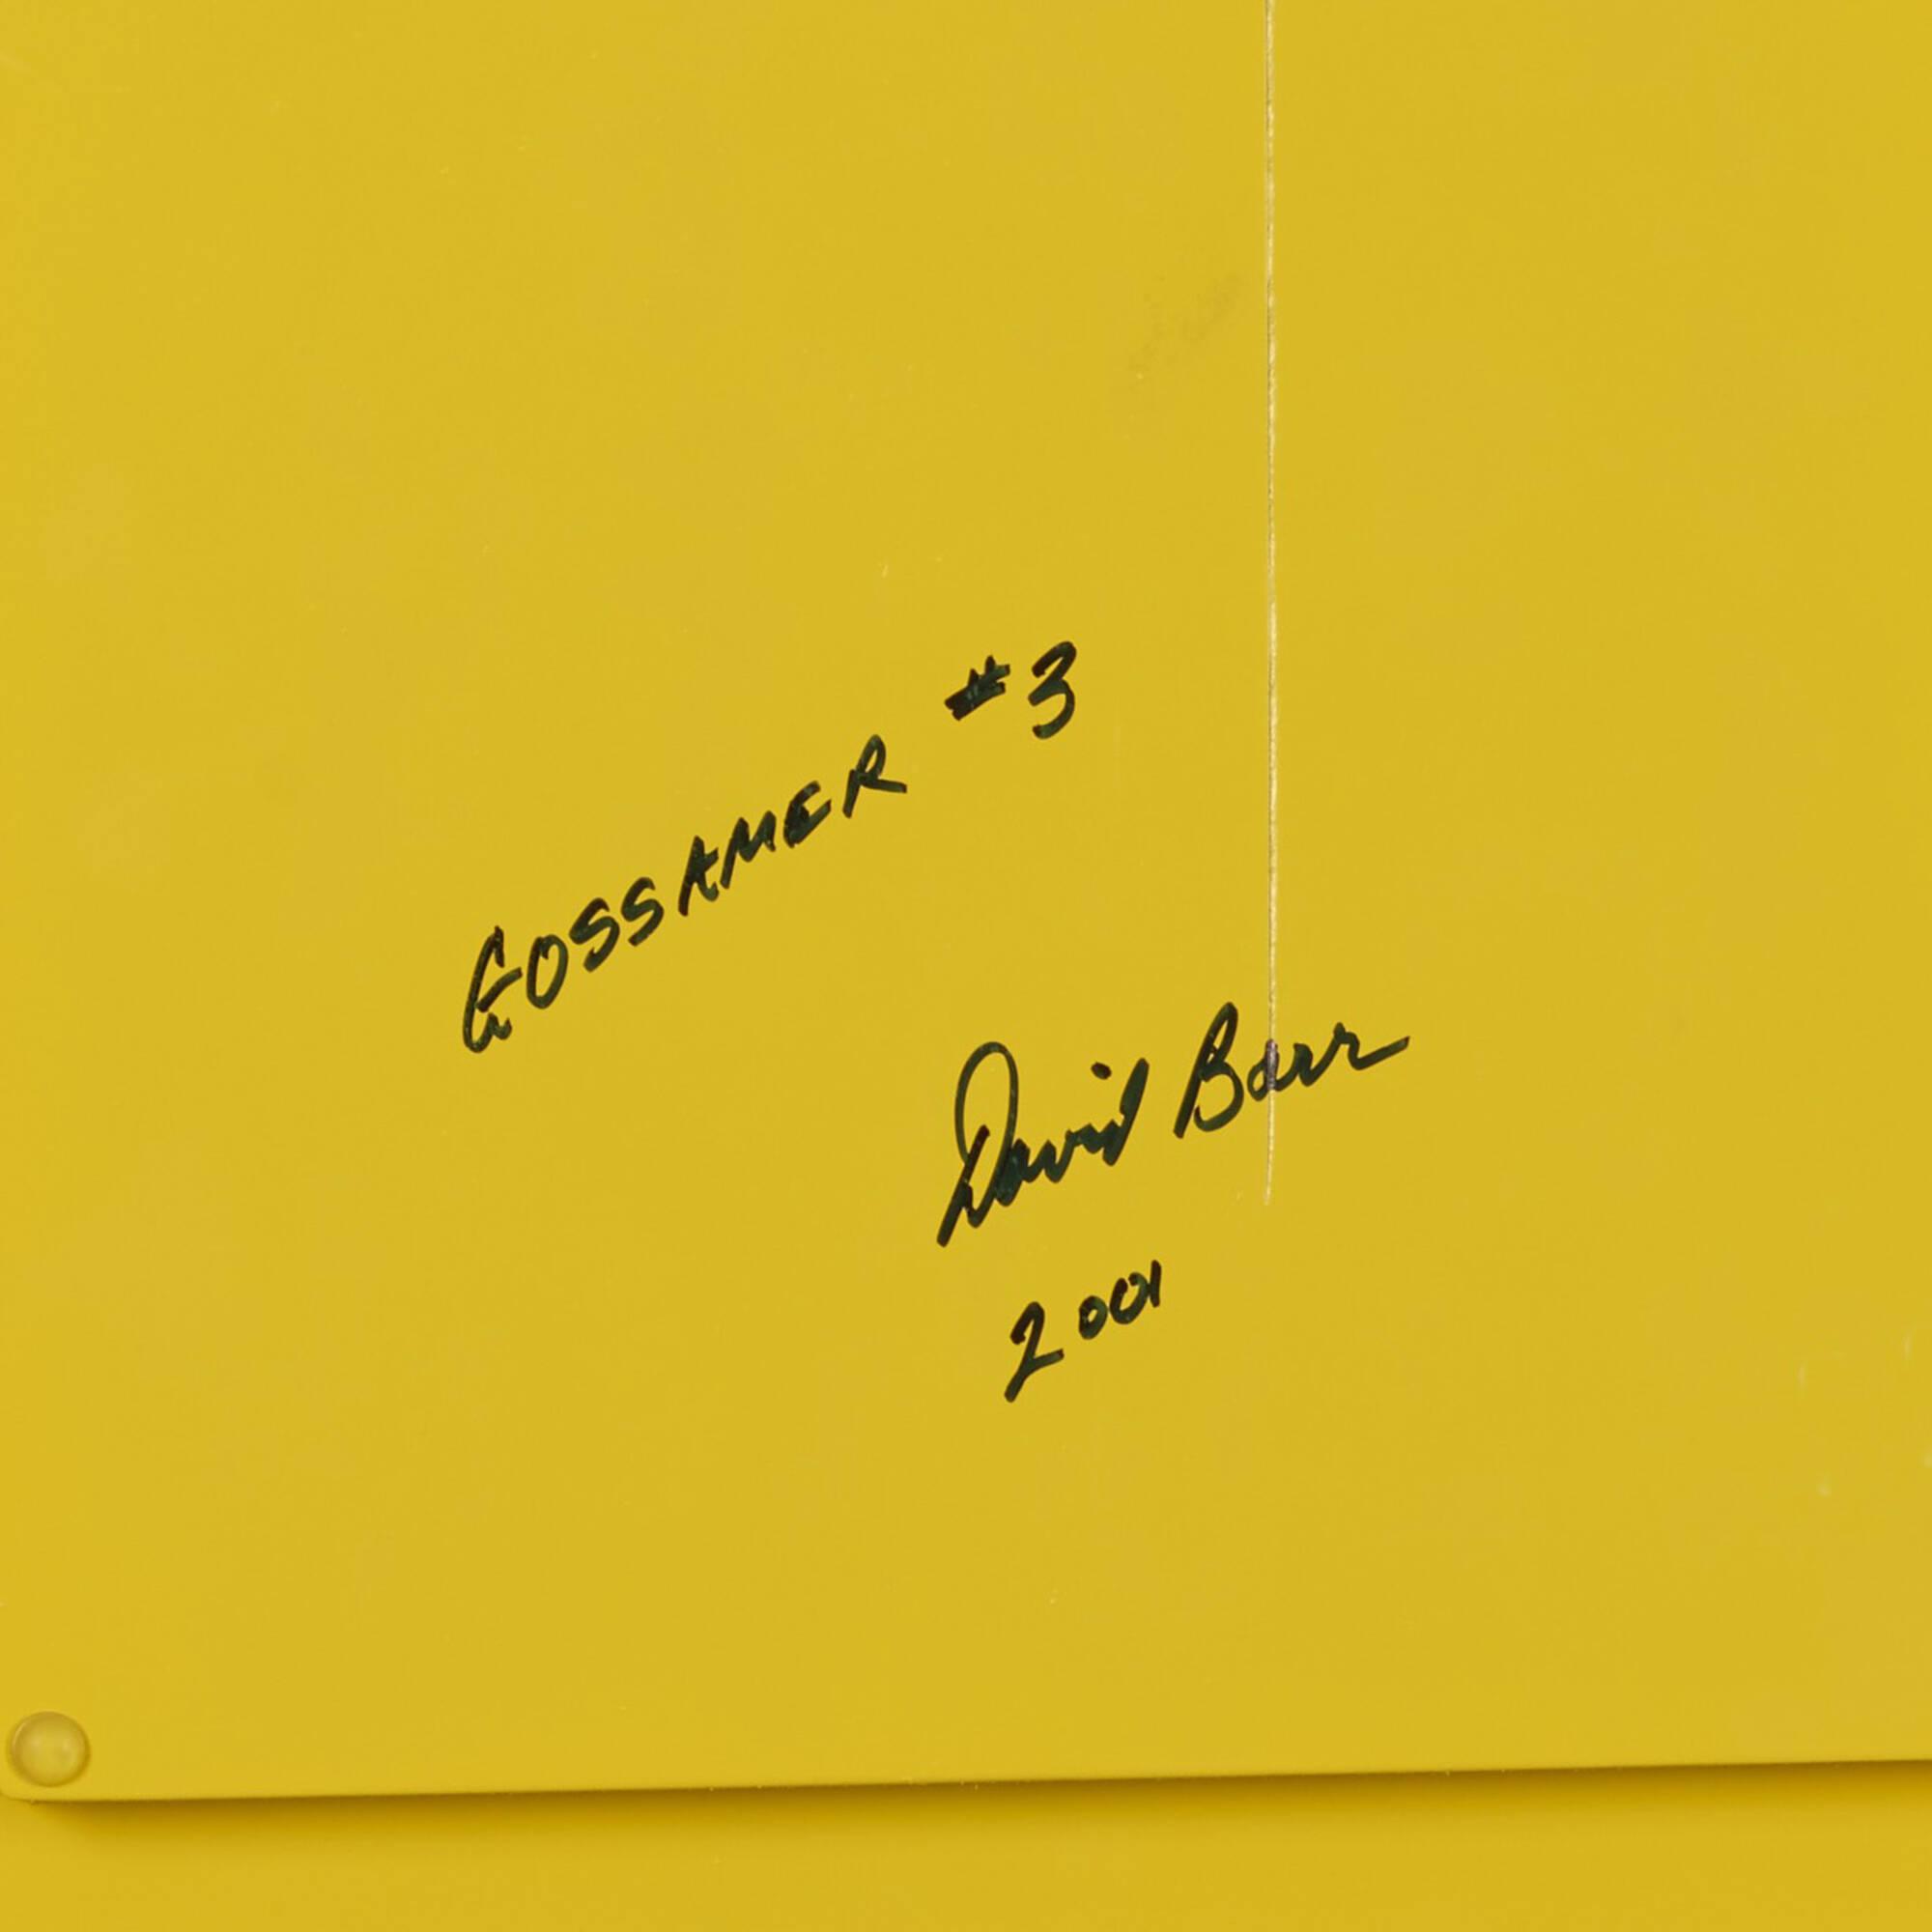 138: David Barr / Gossamer No. 3 (3 of 3)